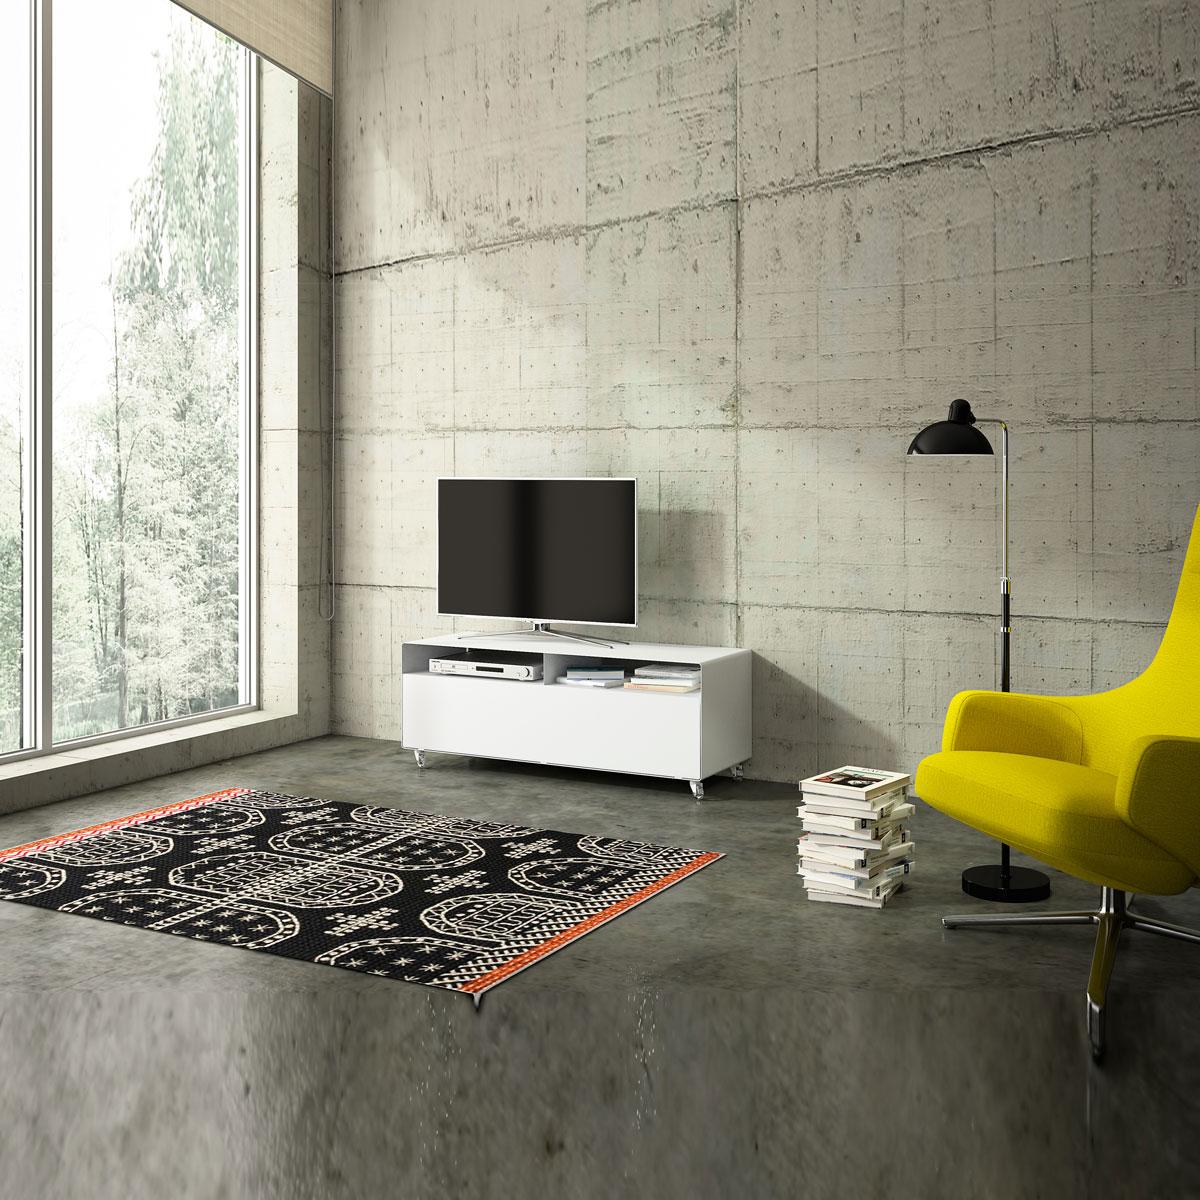 Rollbares Hifi Fernsehmöbel aus Stahl mit Klappe, oben 2 Fächer. 119,5 x 45 x 40 cm (BxHxT). Modell R109N von Müller.